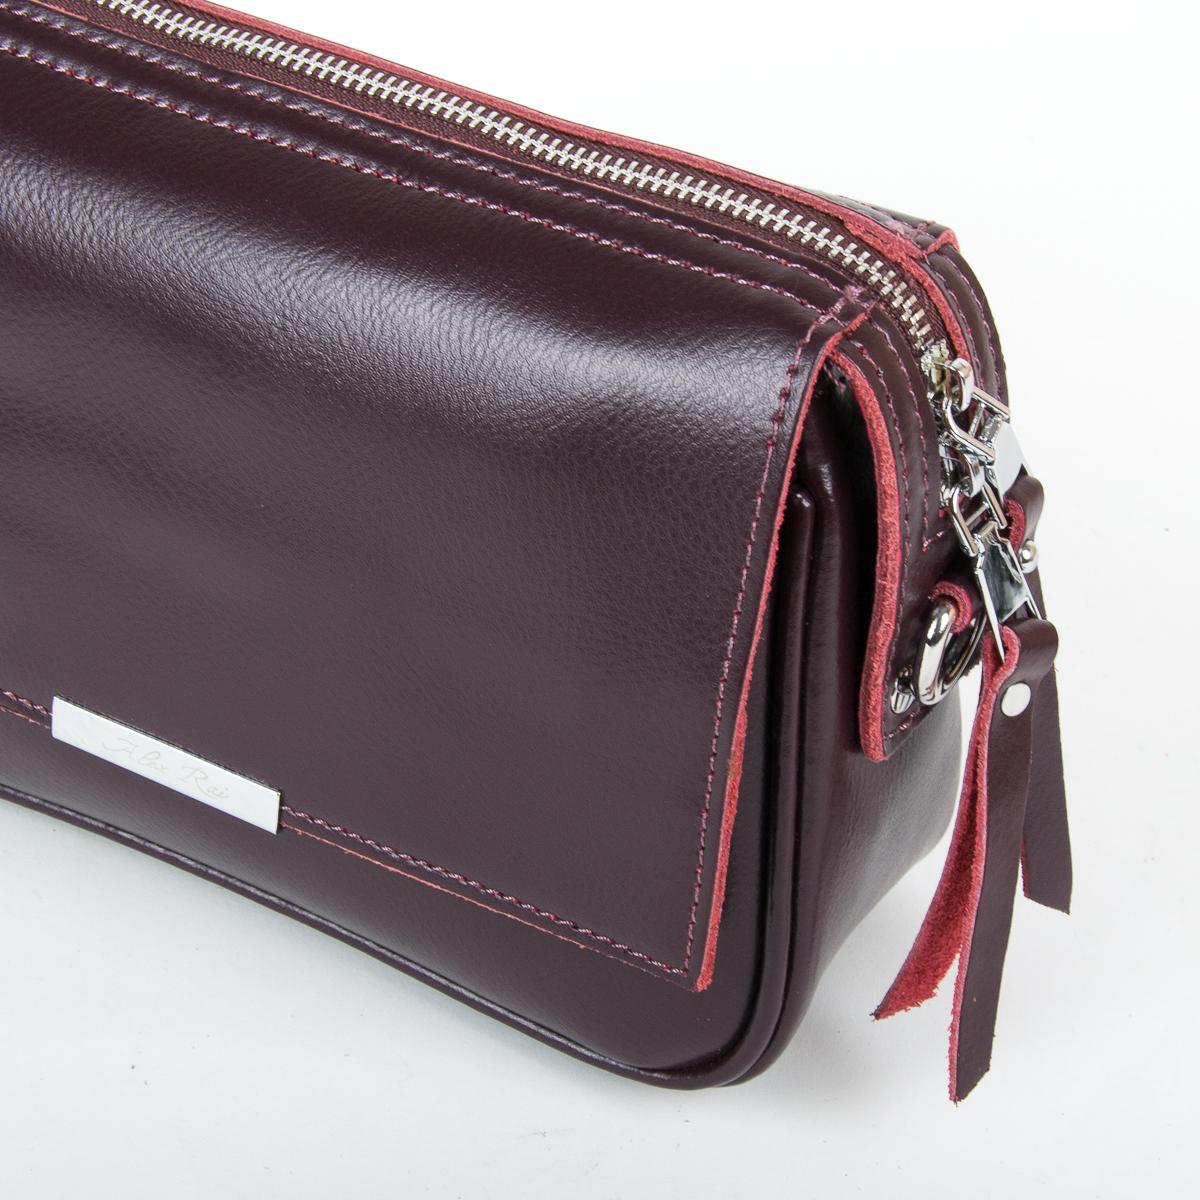 Сумка Женская Клатч кожа ALEX RAI 9-01 2227 burgundy - фото 3